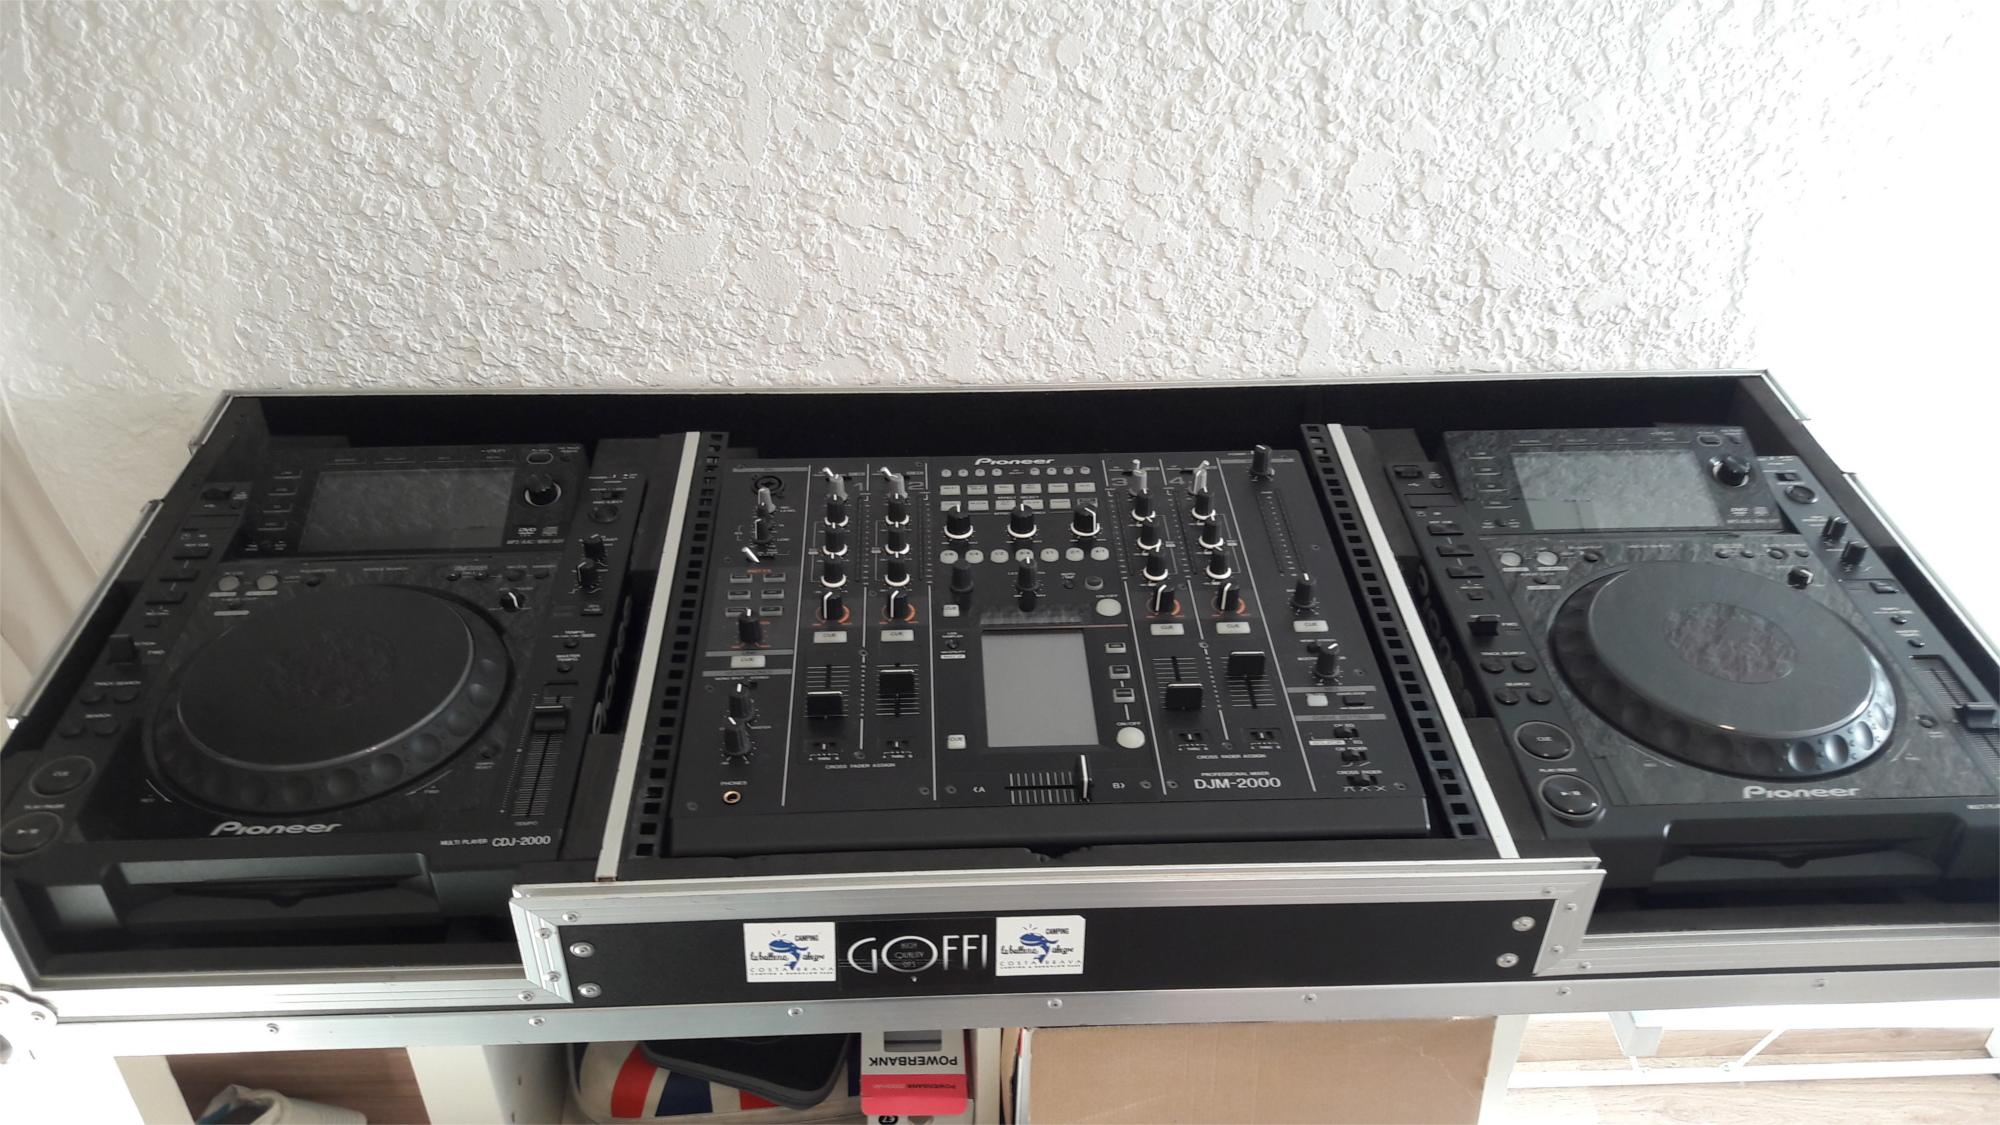 Vend 2 platines cd et mp3 pioneer cdj 2000 table de - Table de mixage pioneer djm 2000 ...